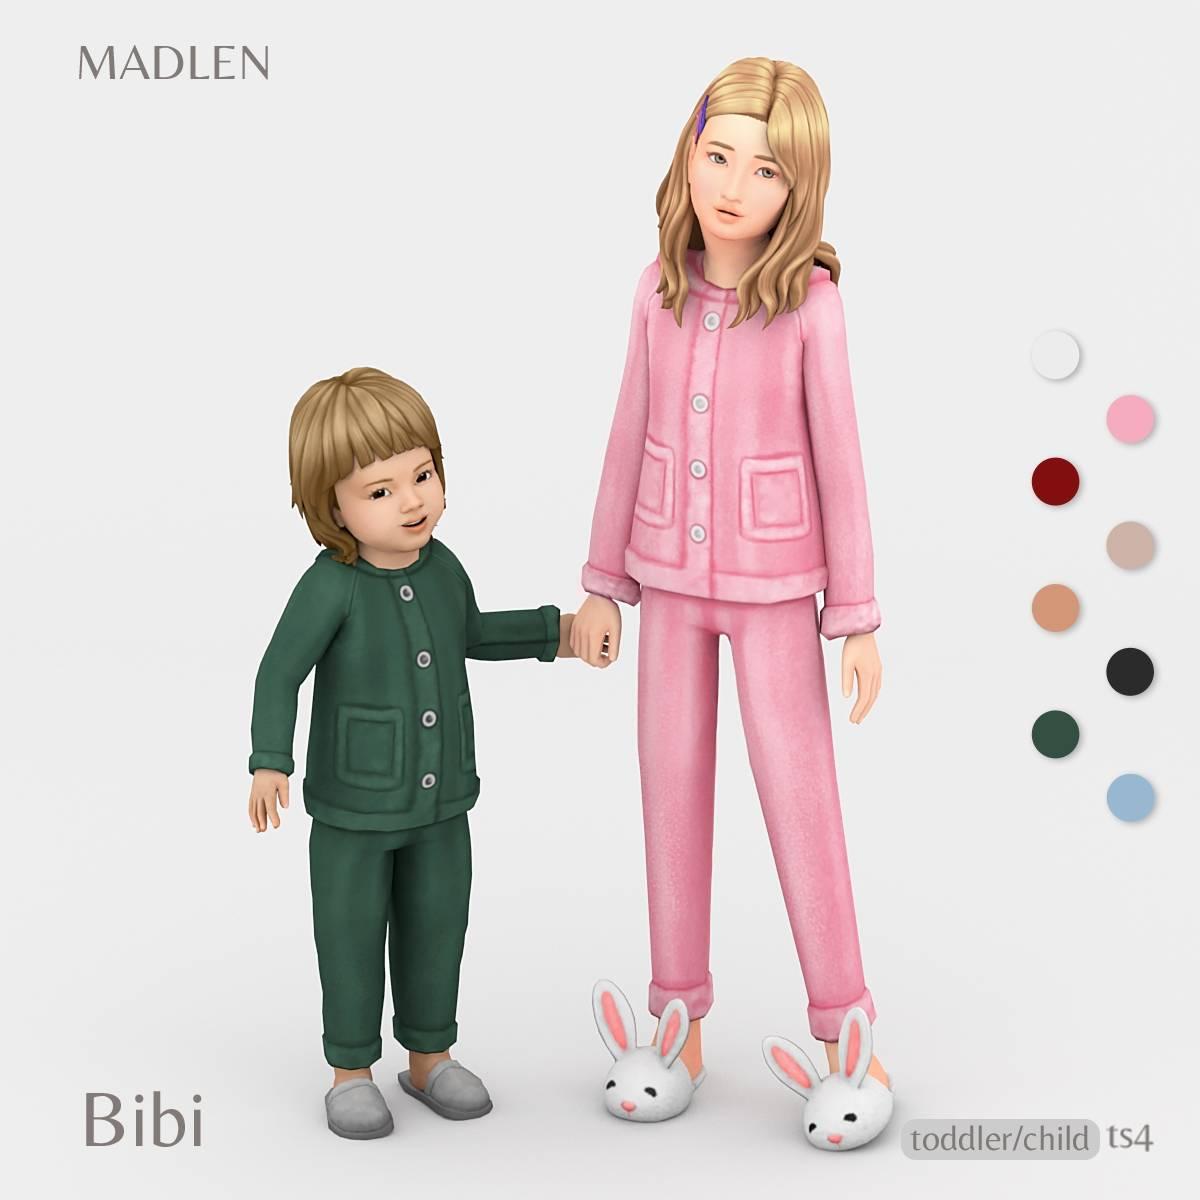 Пижама для детей и тоддлеров - Bibi Pajamas